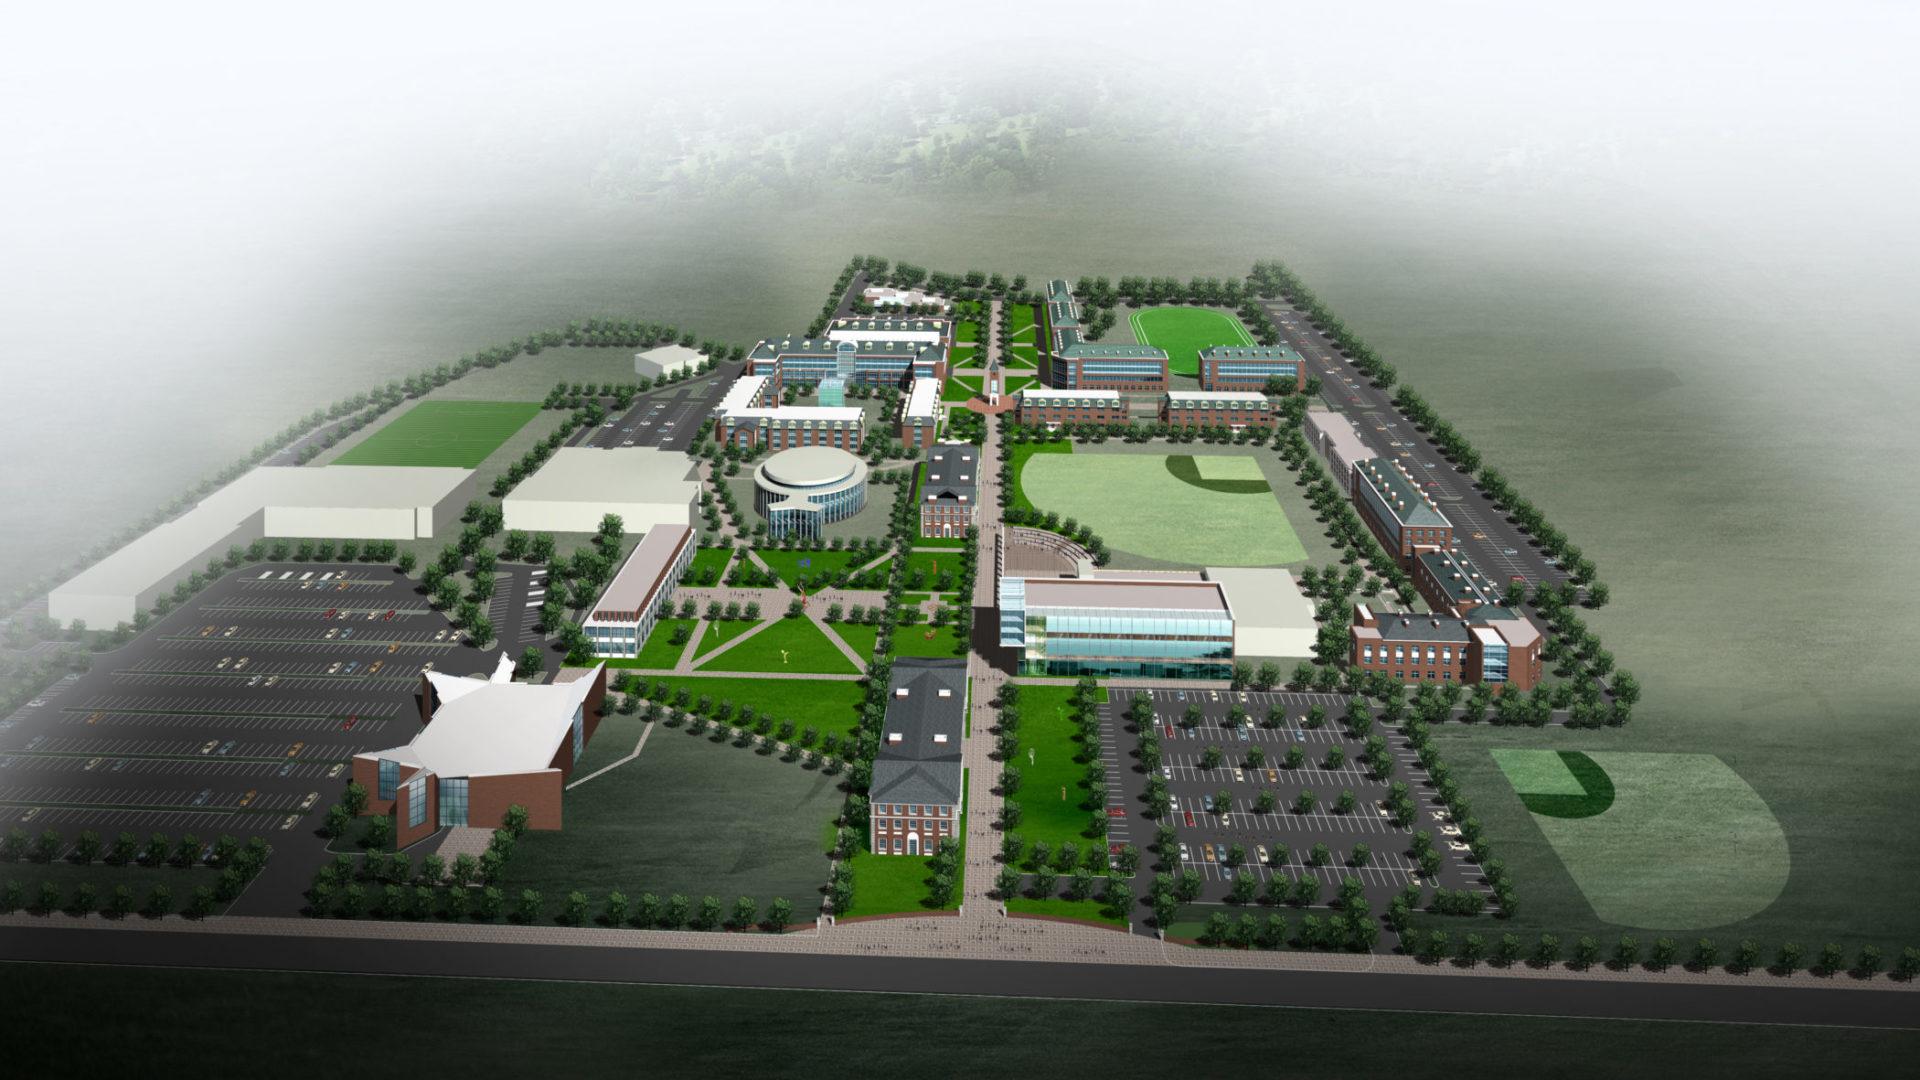 Adelphi University Master Plan